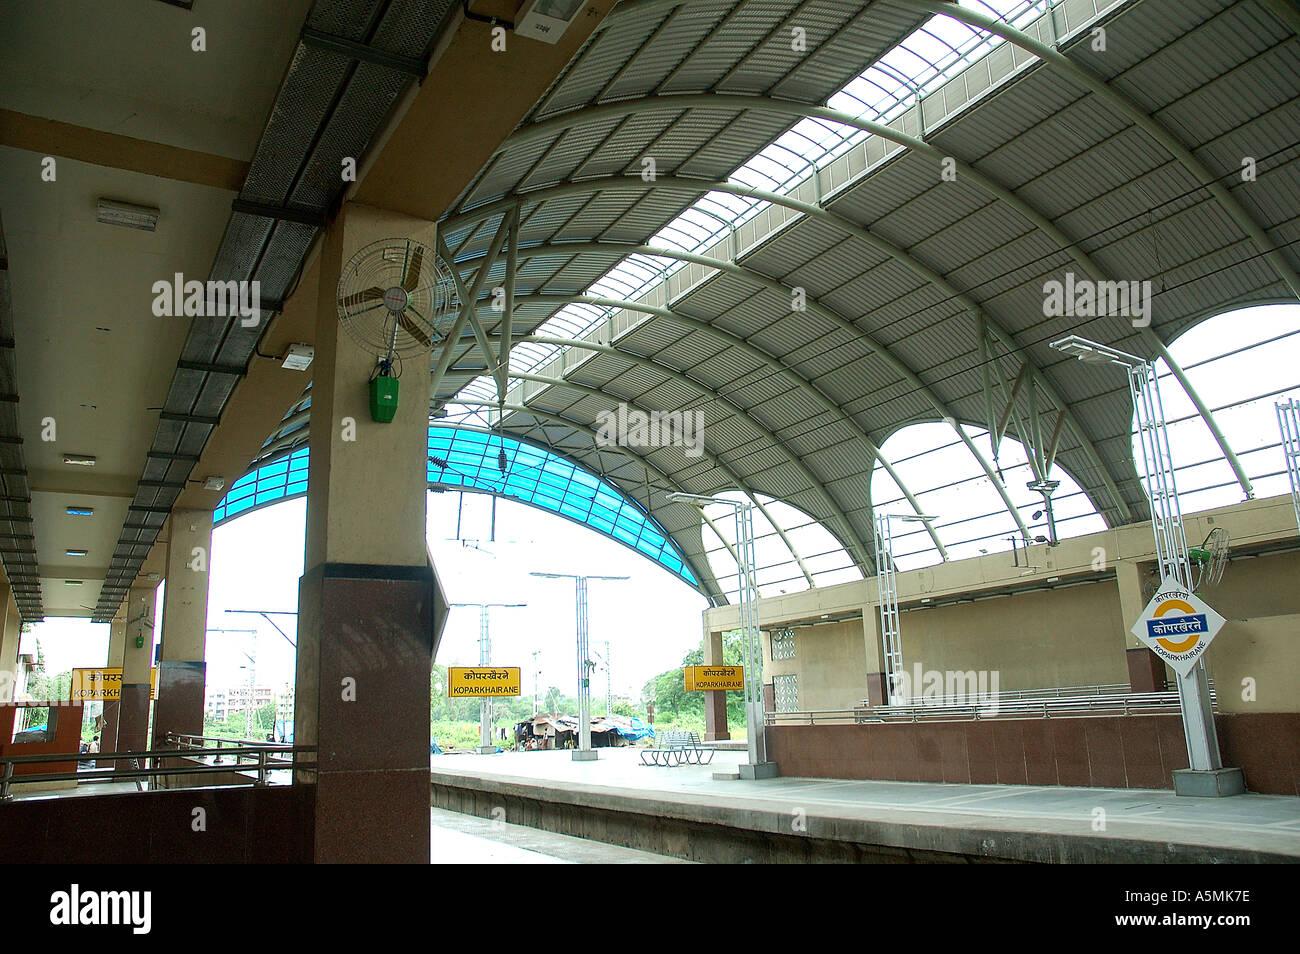 RAJ98892 nuova e moderna di Capodistria khairne Stazione ferroviaria Navi Mumbai Bombay Vashi Maharashtra India Foto Stock